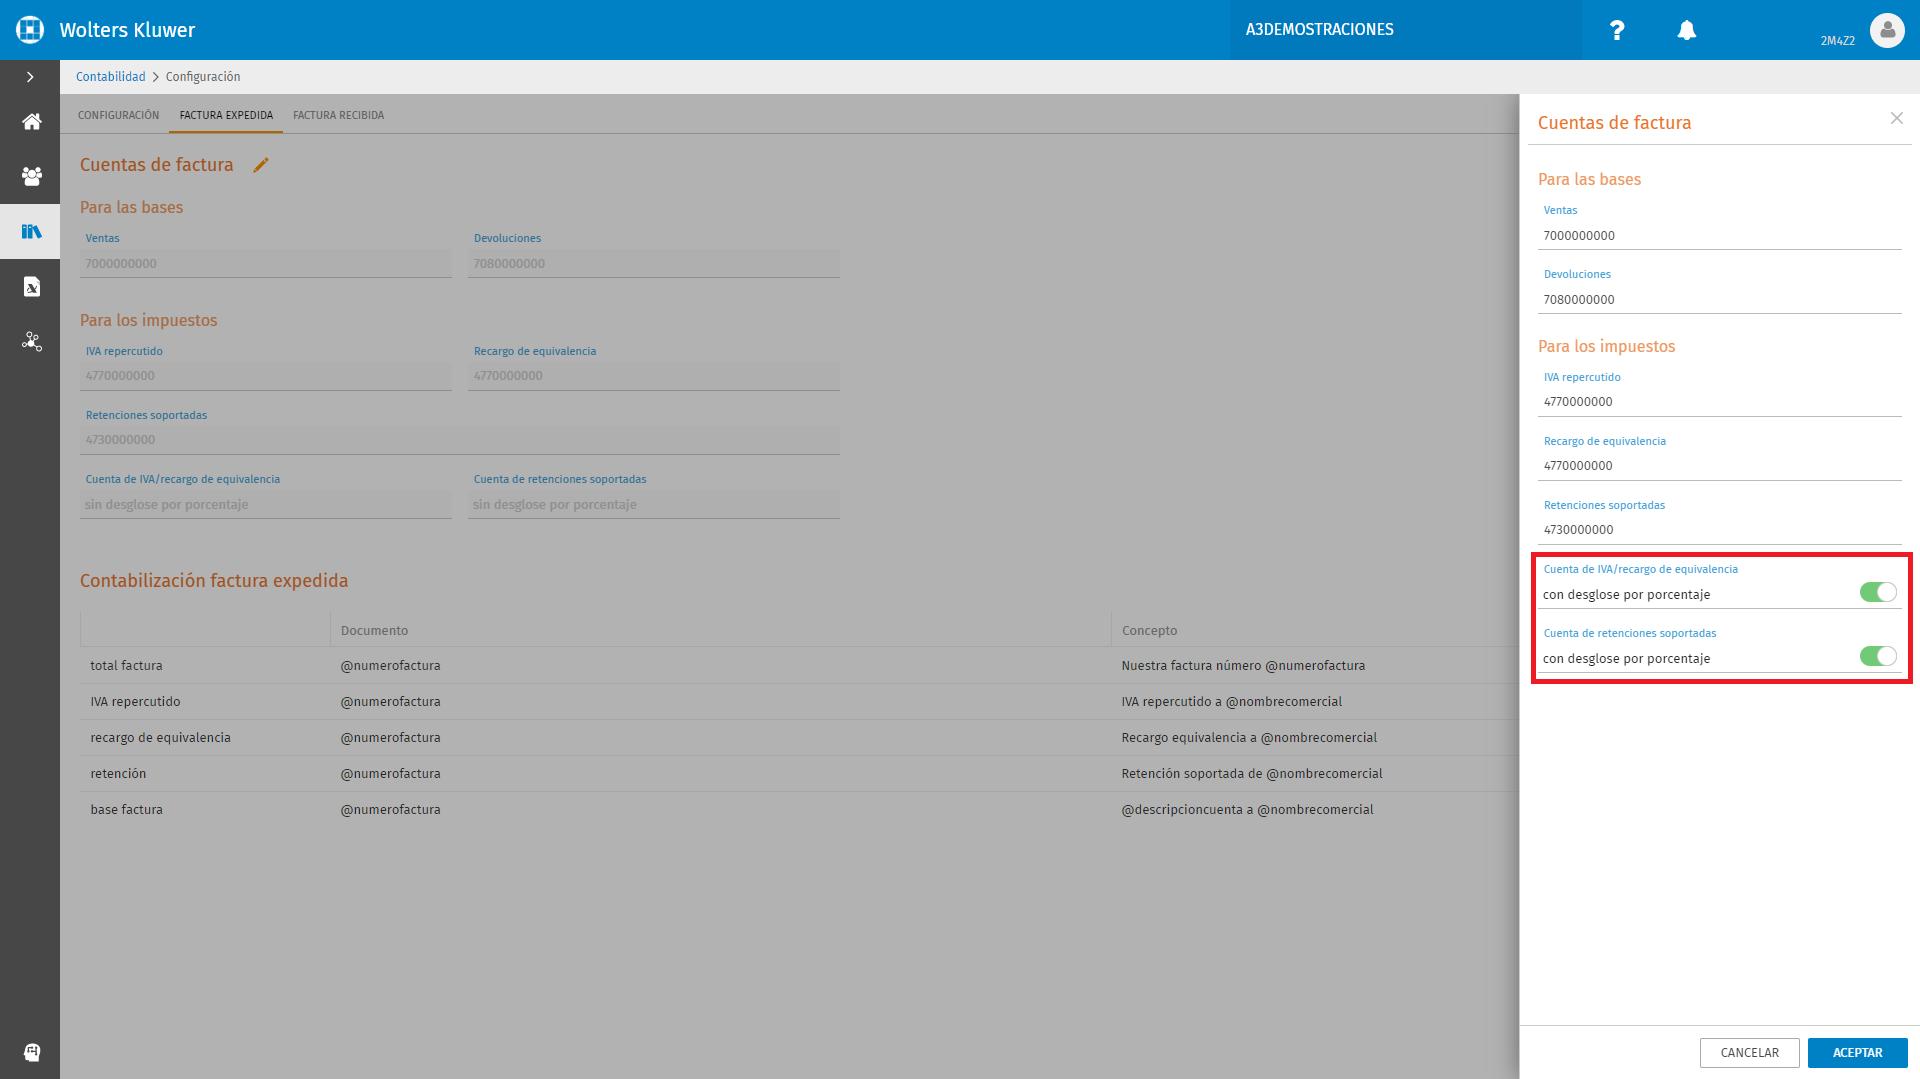 Configuracion Factura Expedida Cuentas